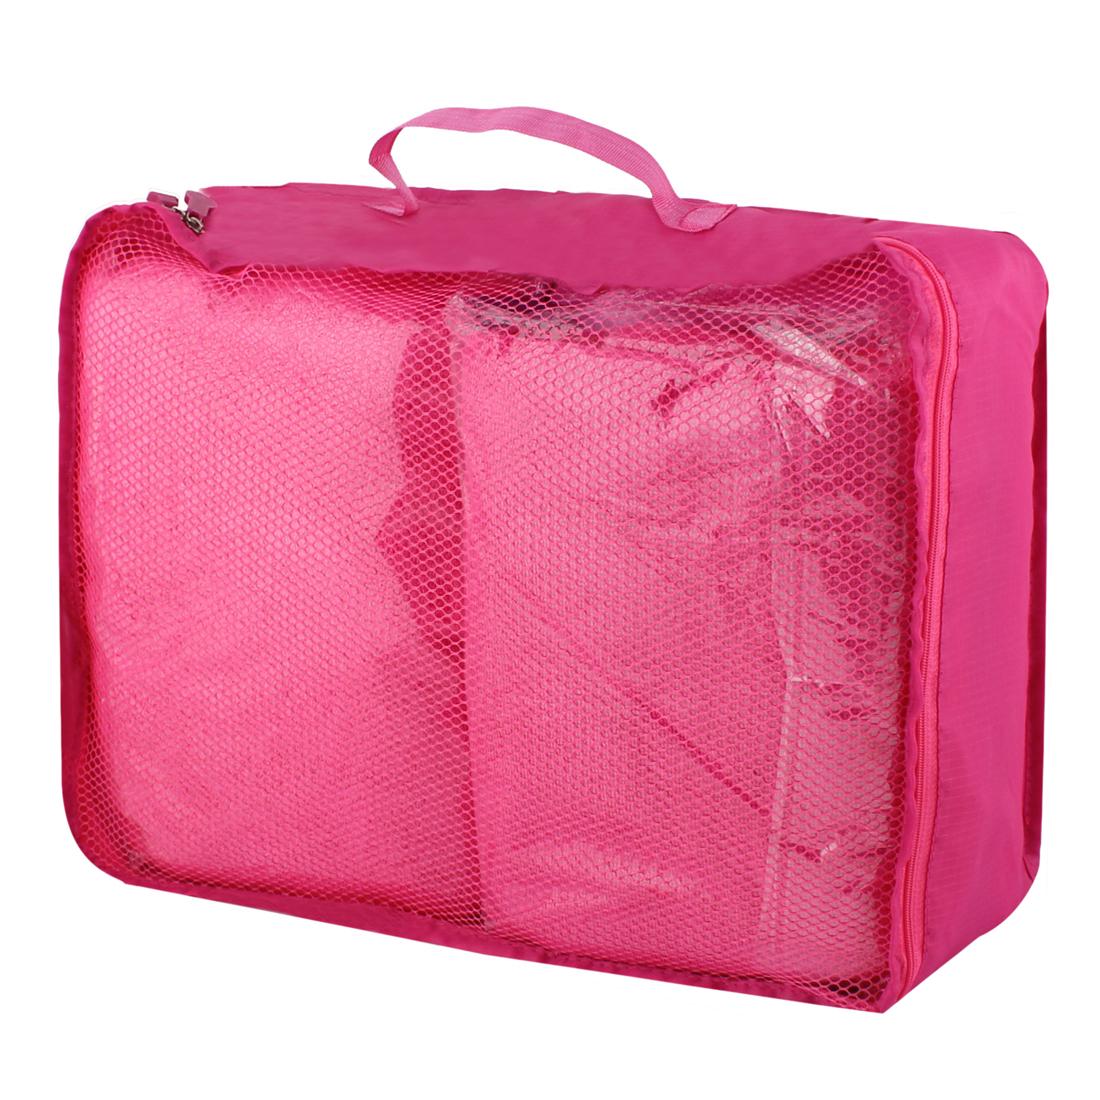 Fuchsia Portable Folding Underwear Bra Sock Clothes Organizer Storage Pouch Bag Handbag 40cm x 30cm x 13cm